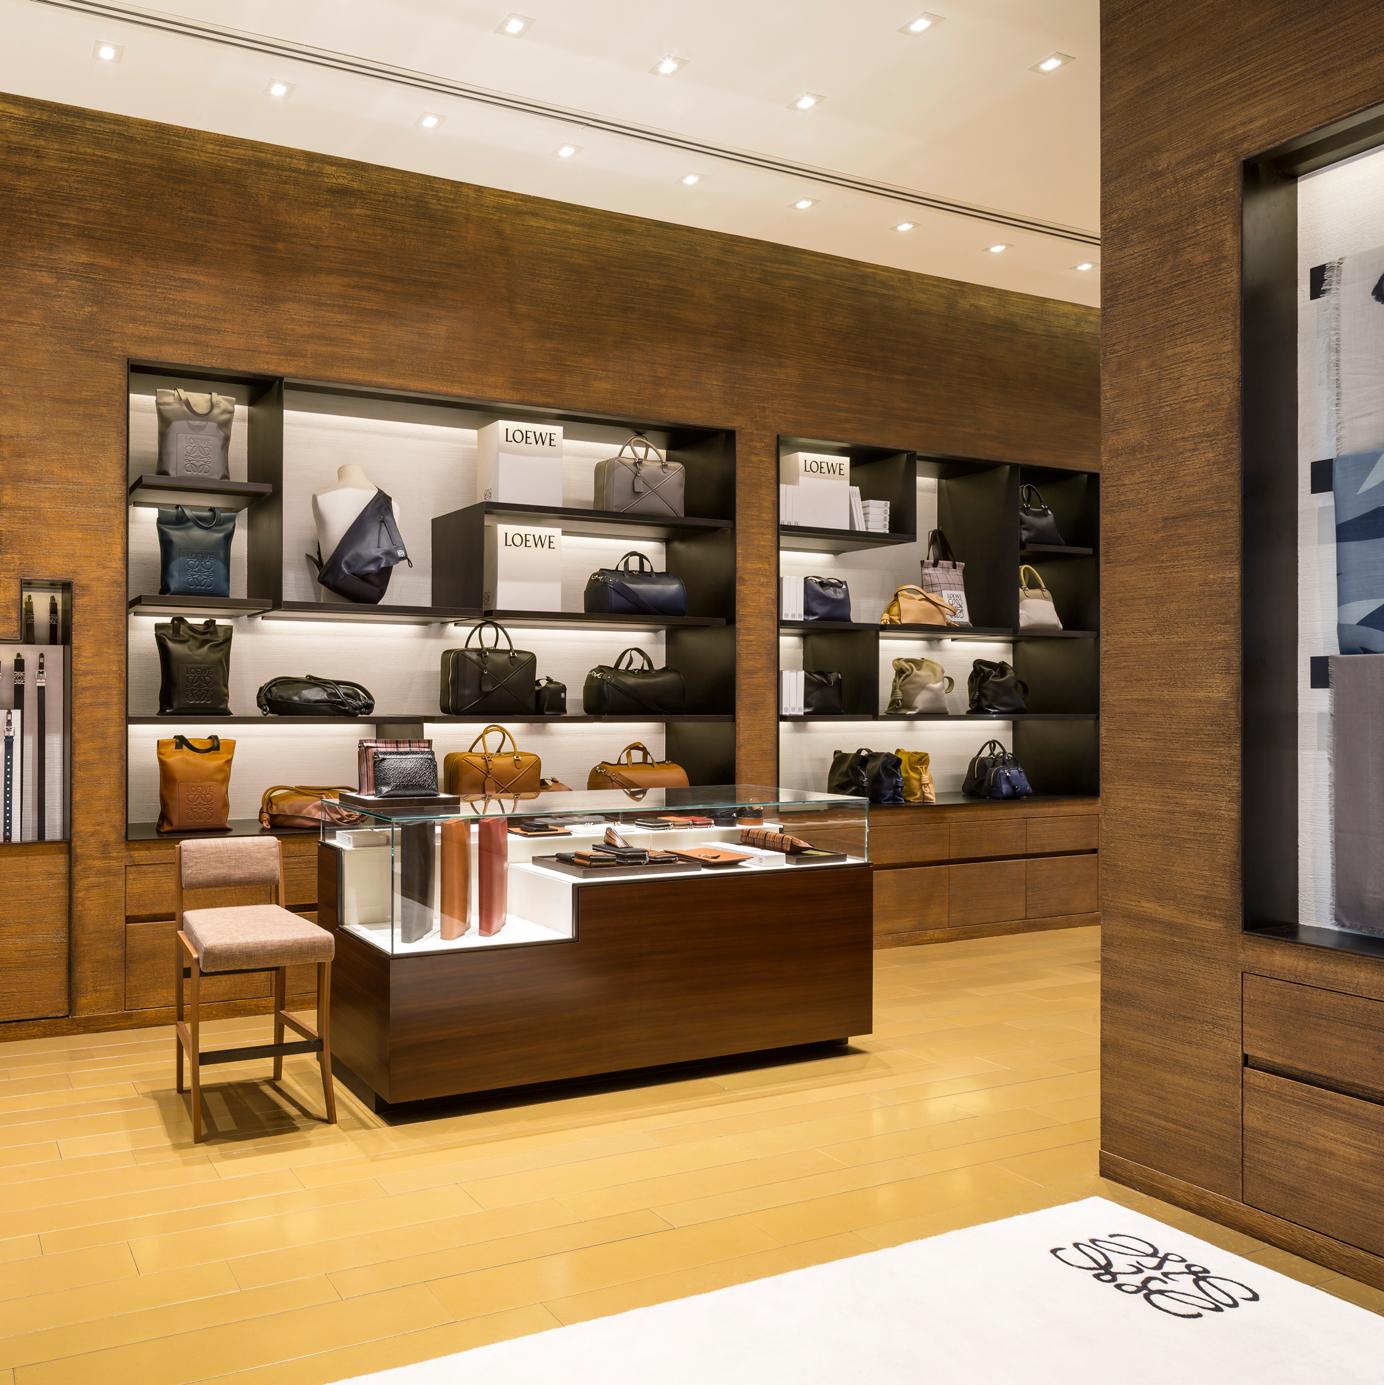 pp-luxe-loewe-store-11